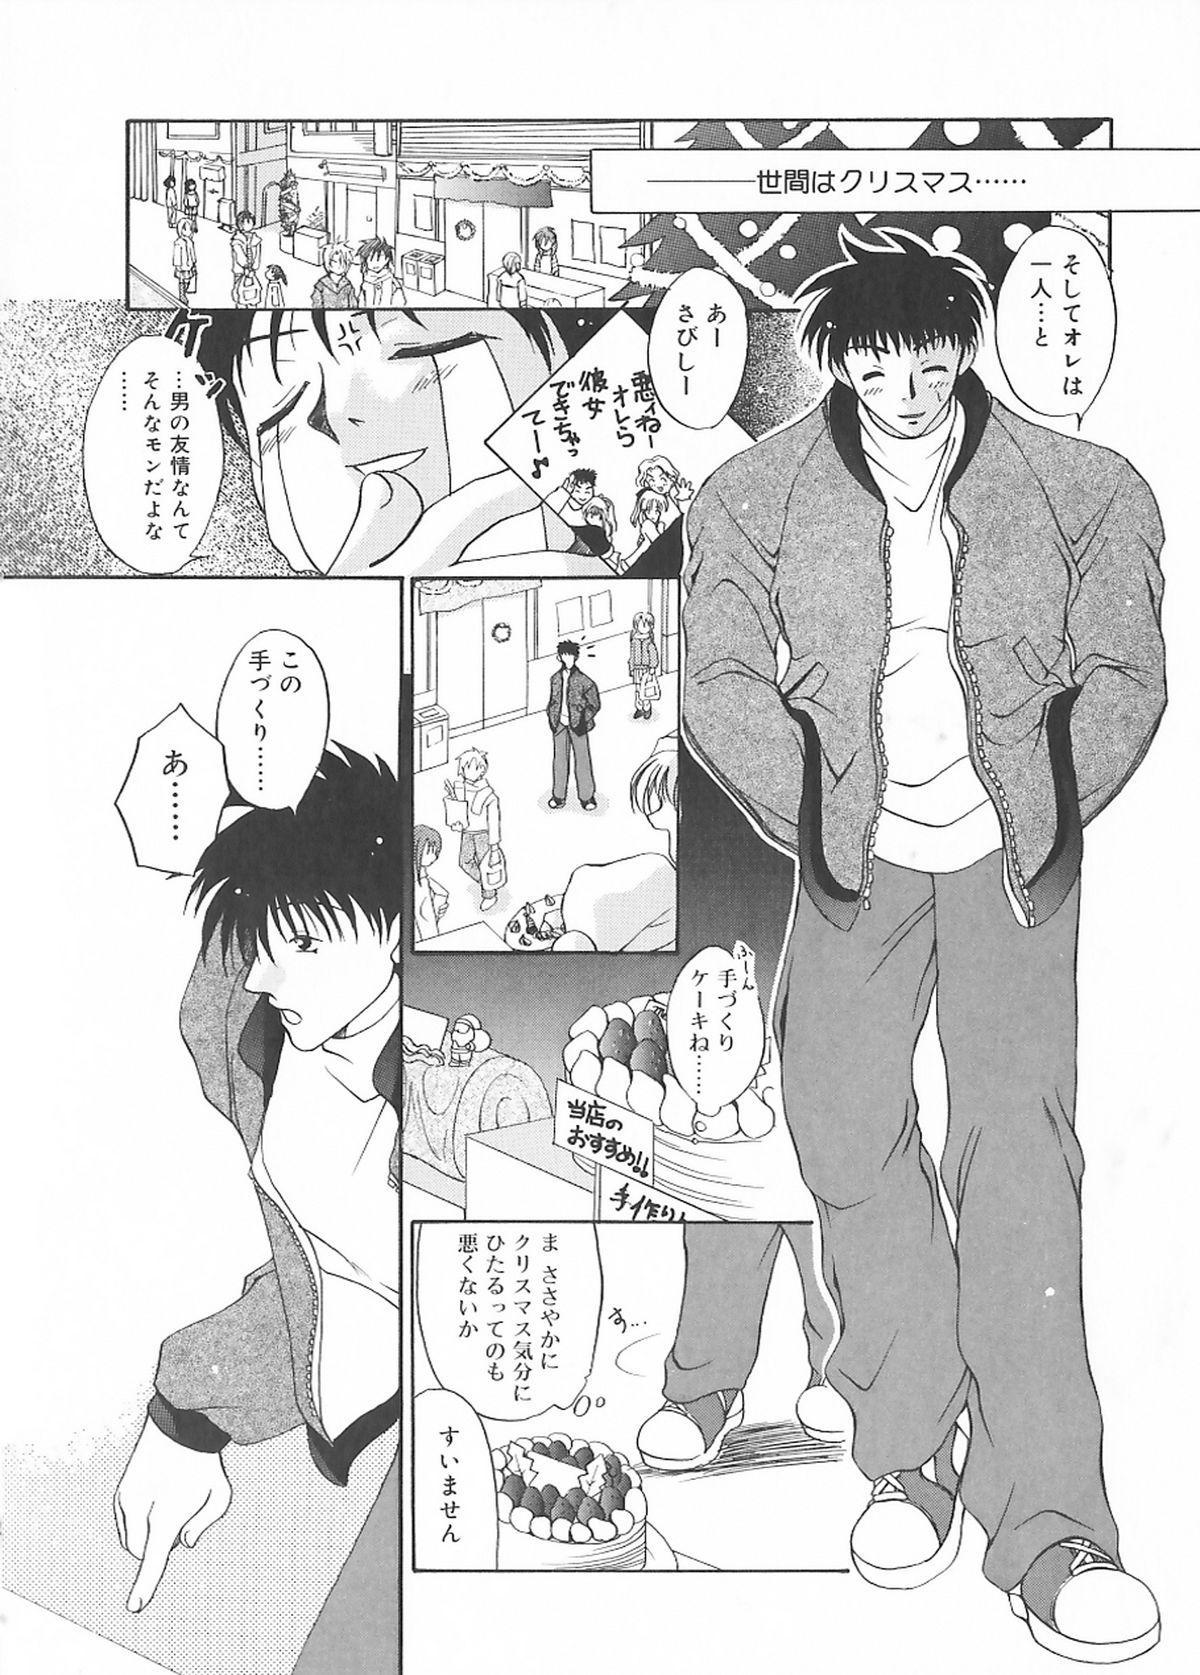 Cream Tengoku - Shinsouban 181